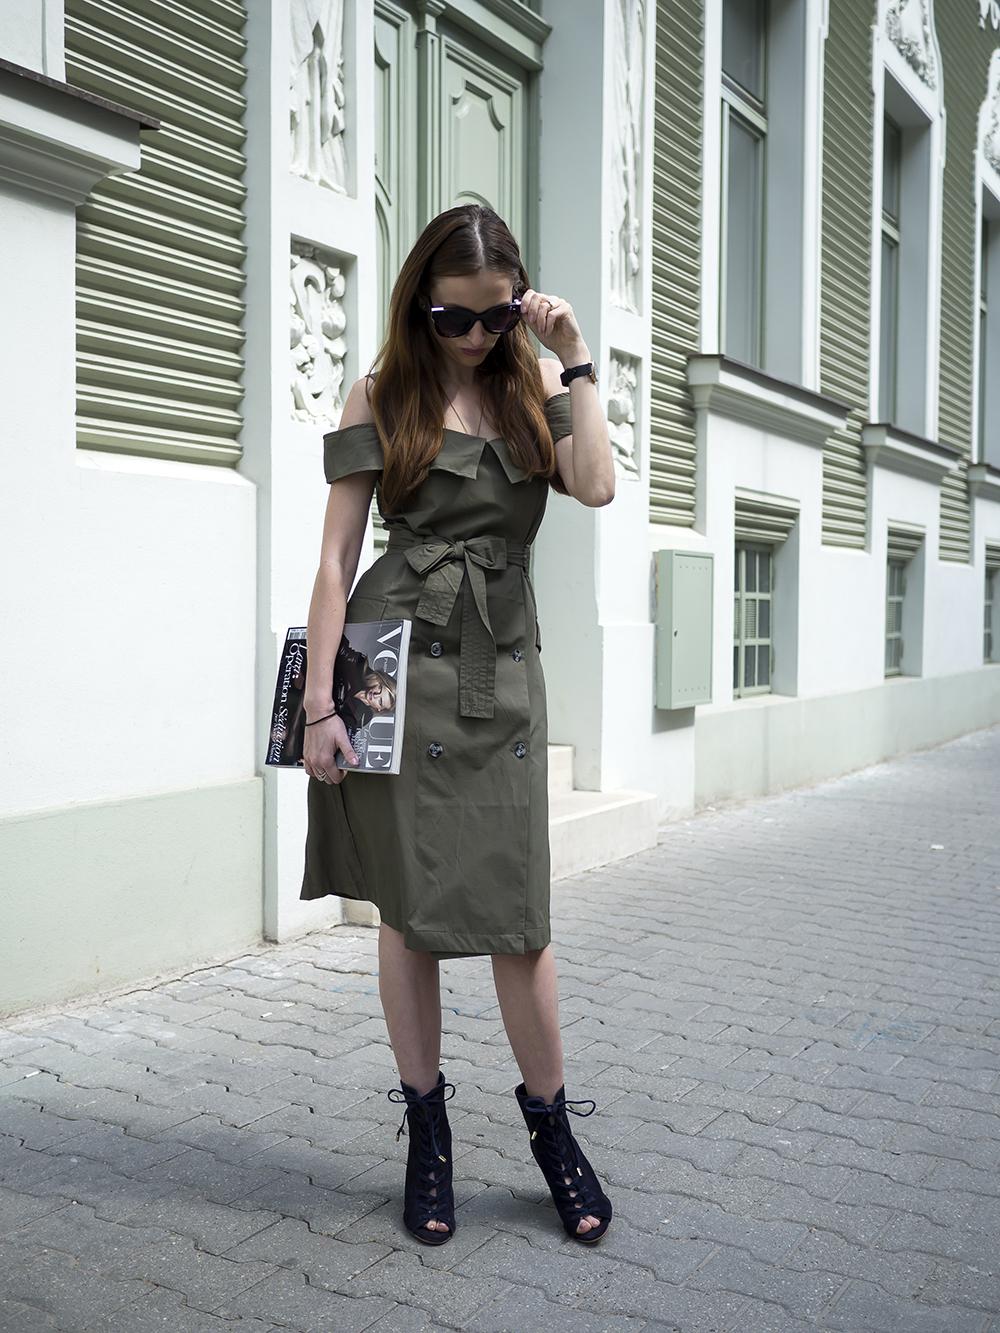 čo robiť s nenoseným oblečením Bratislava